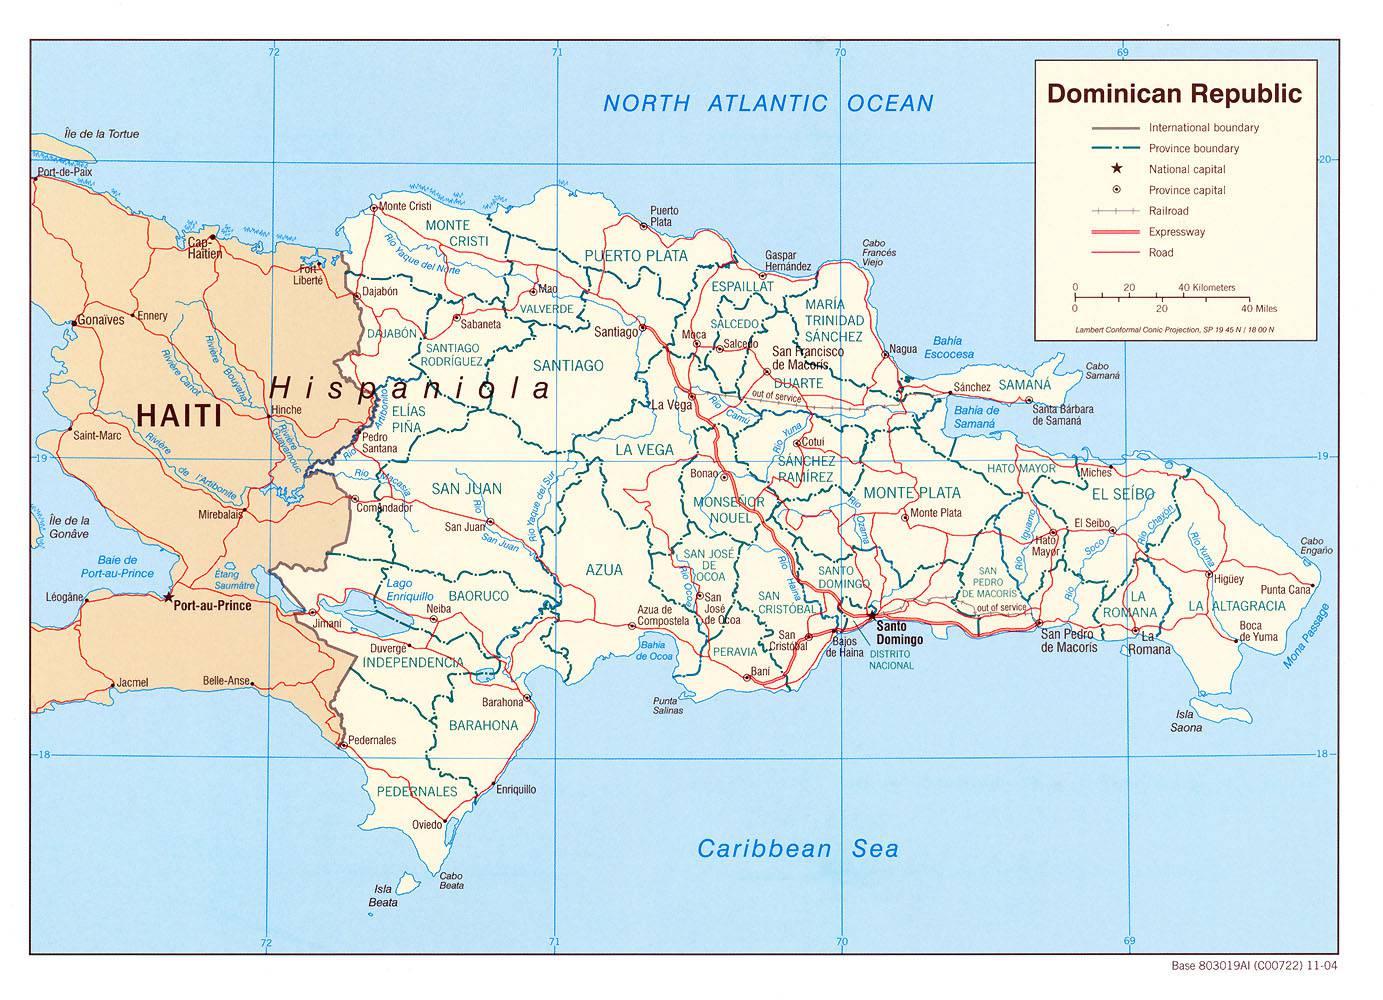 Carte administrative de la République dominicaine